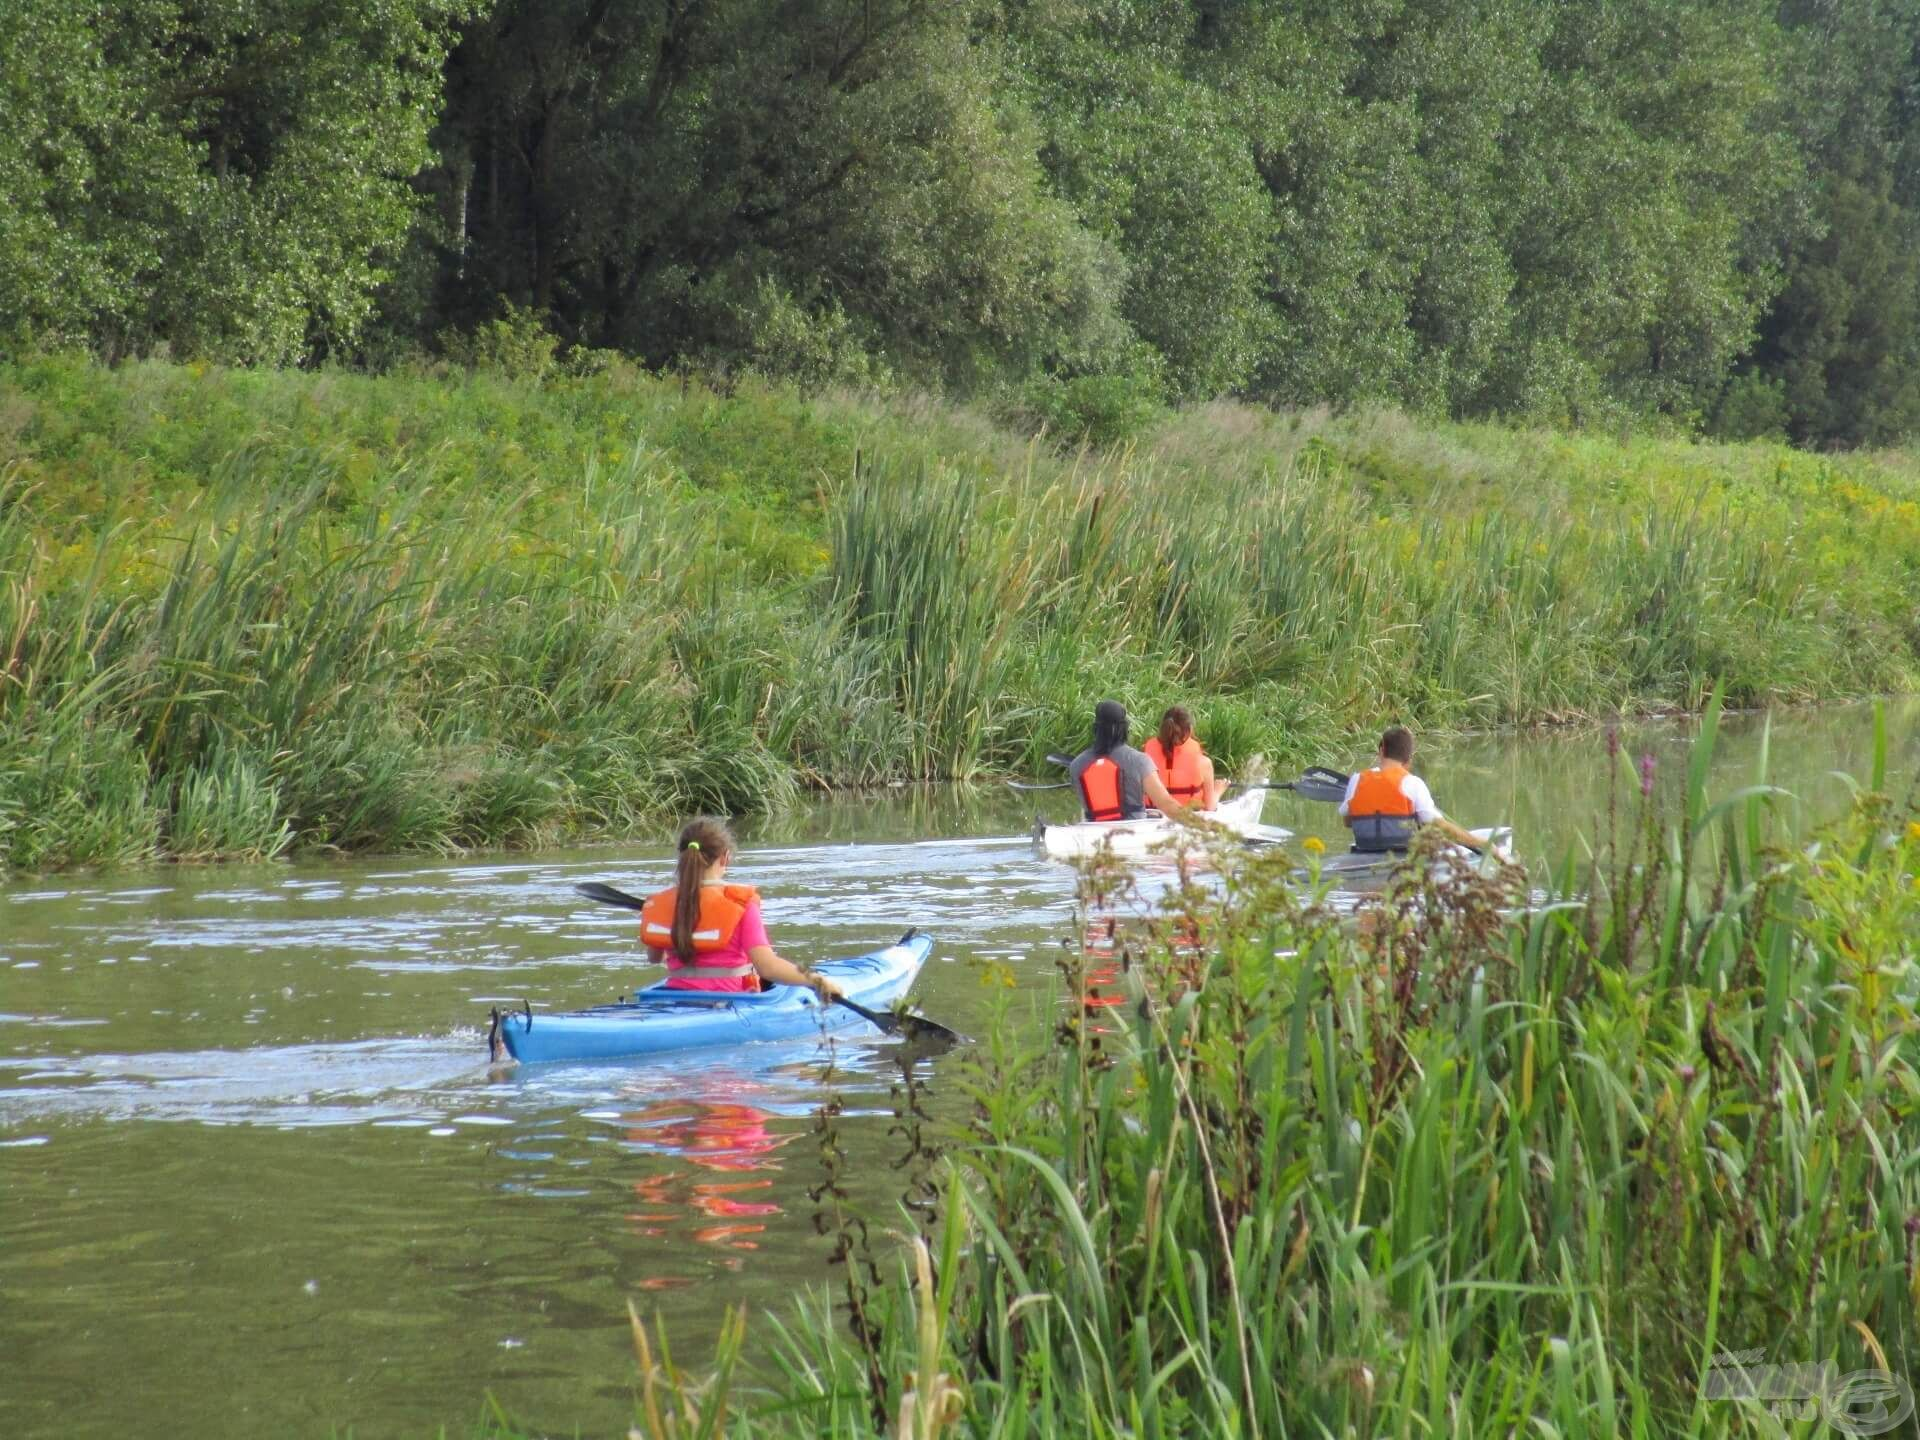 A Zala viszonylag szűk és nem túl mély folyó, ezért az evezősök rendesen megzavarják a halak nyugalmát